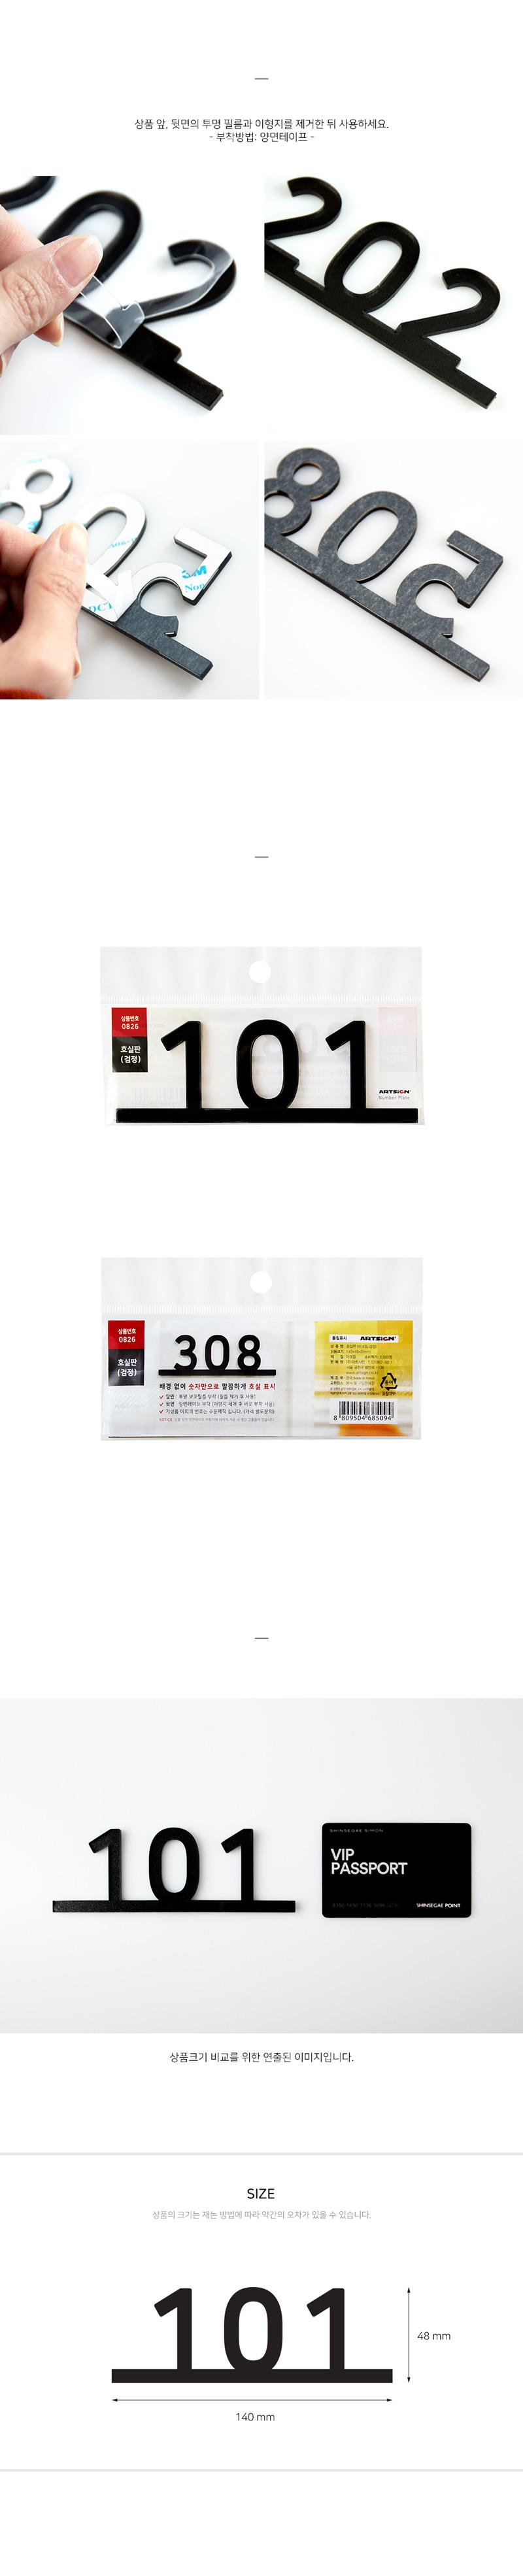 0826_2.jpg